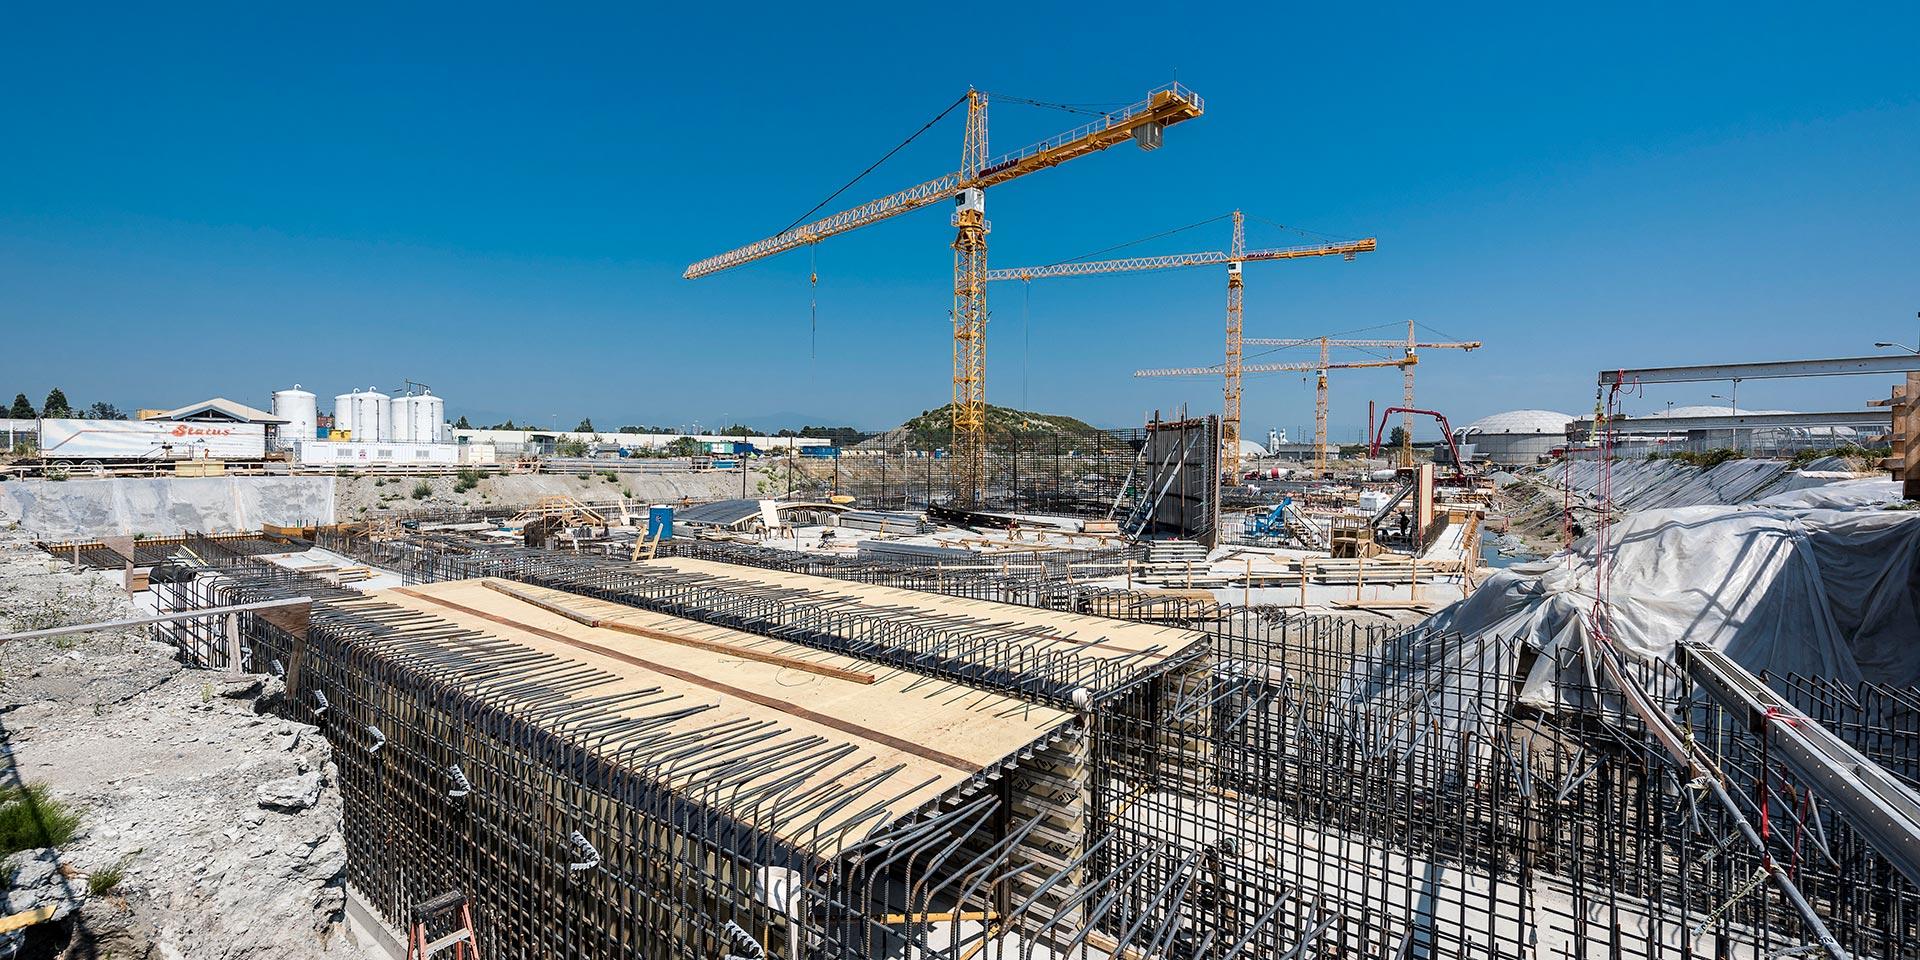 Chantier Annacis Construction